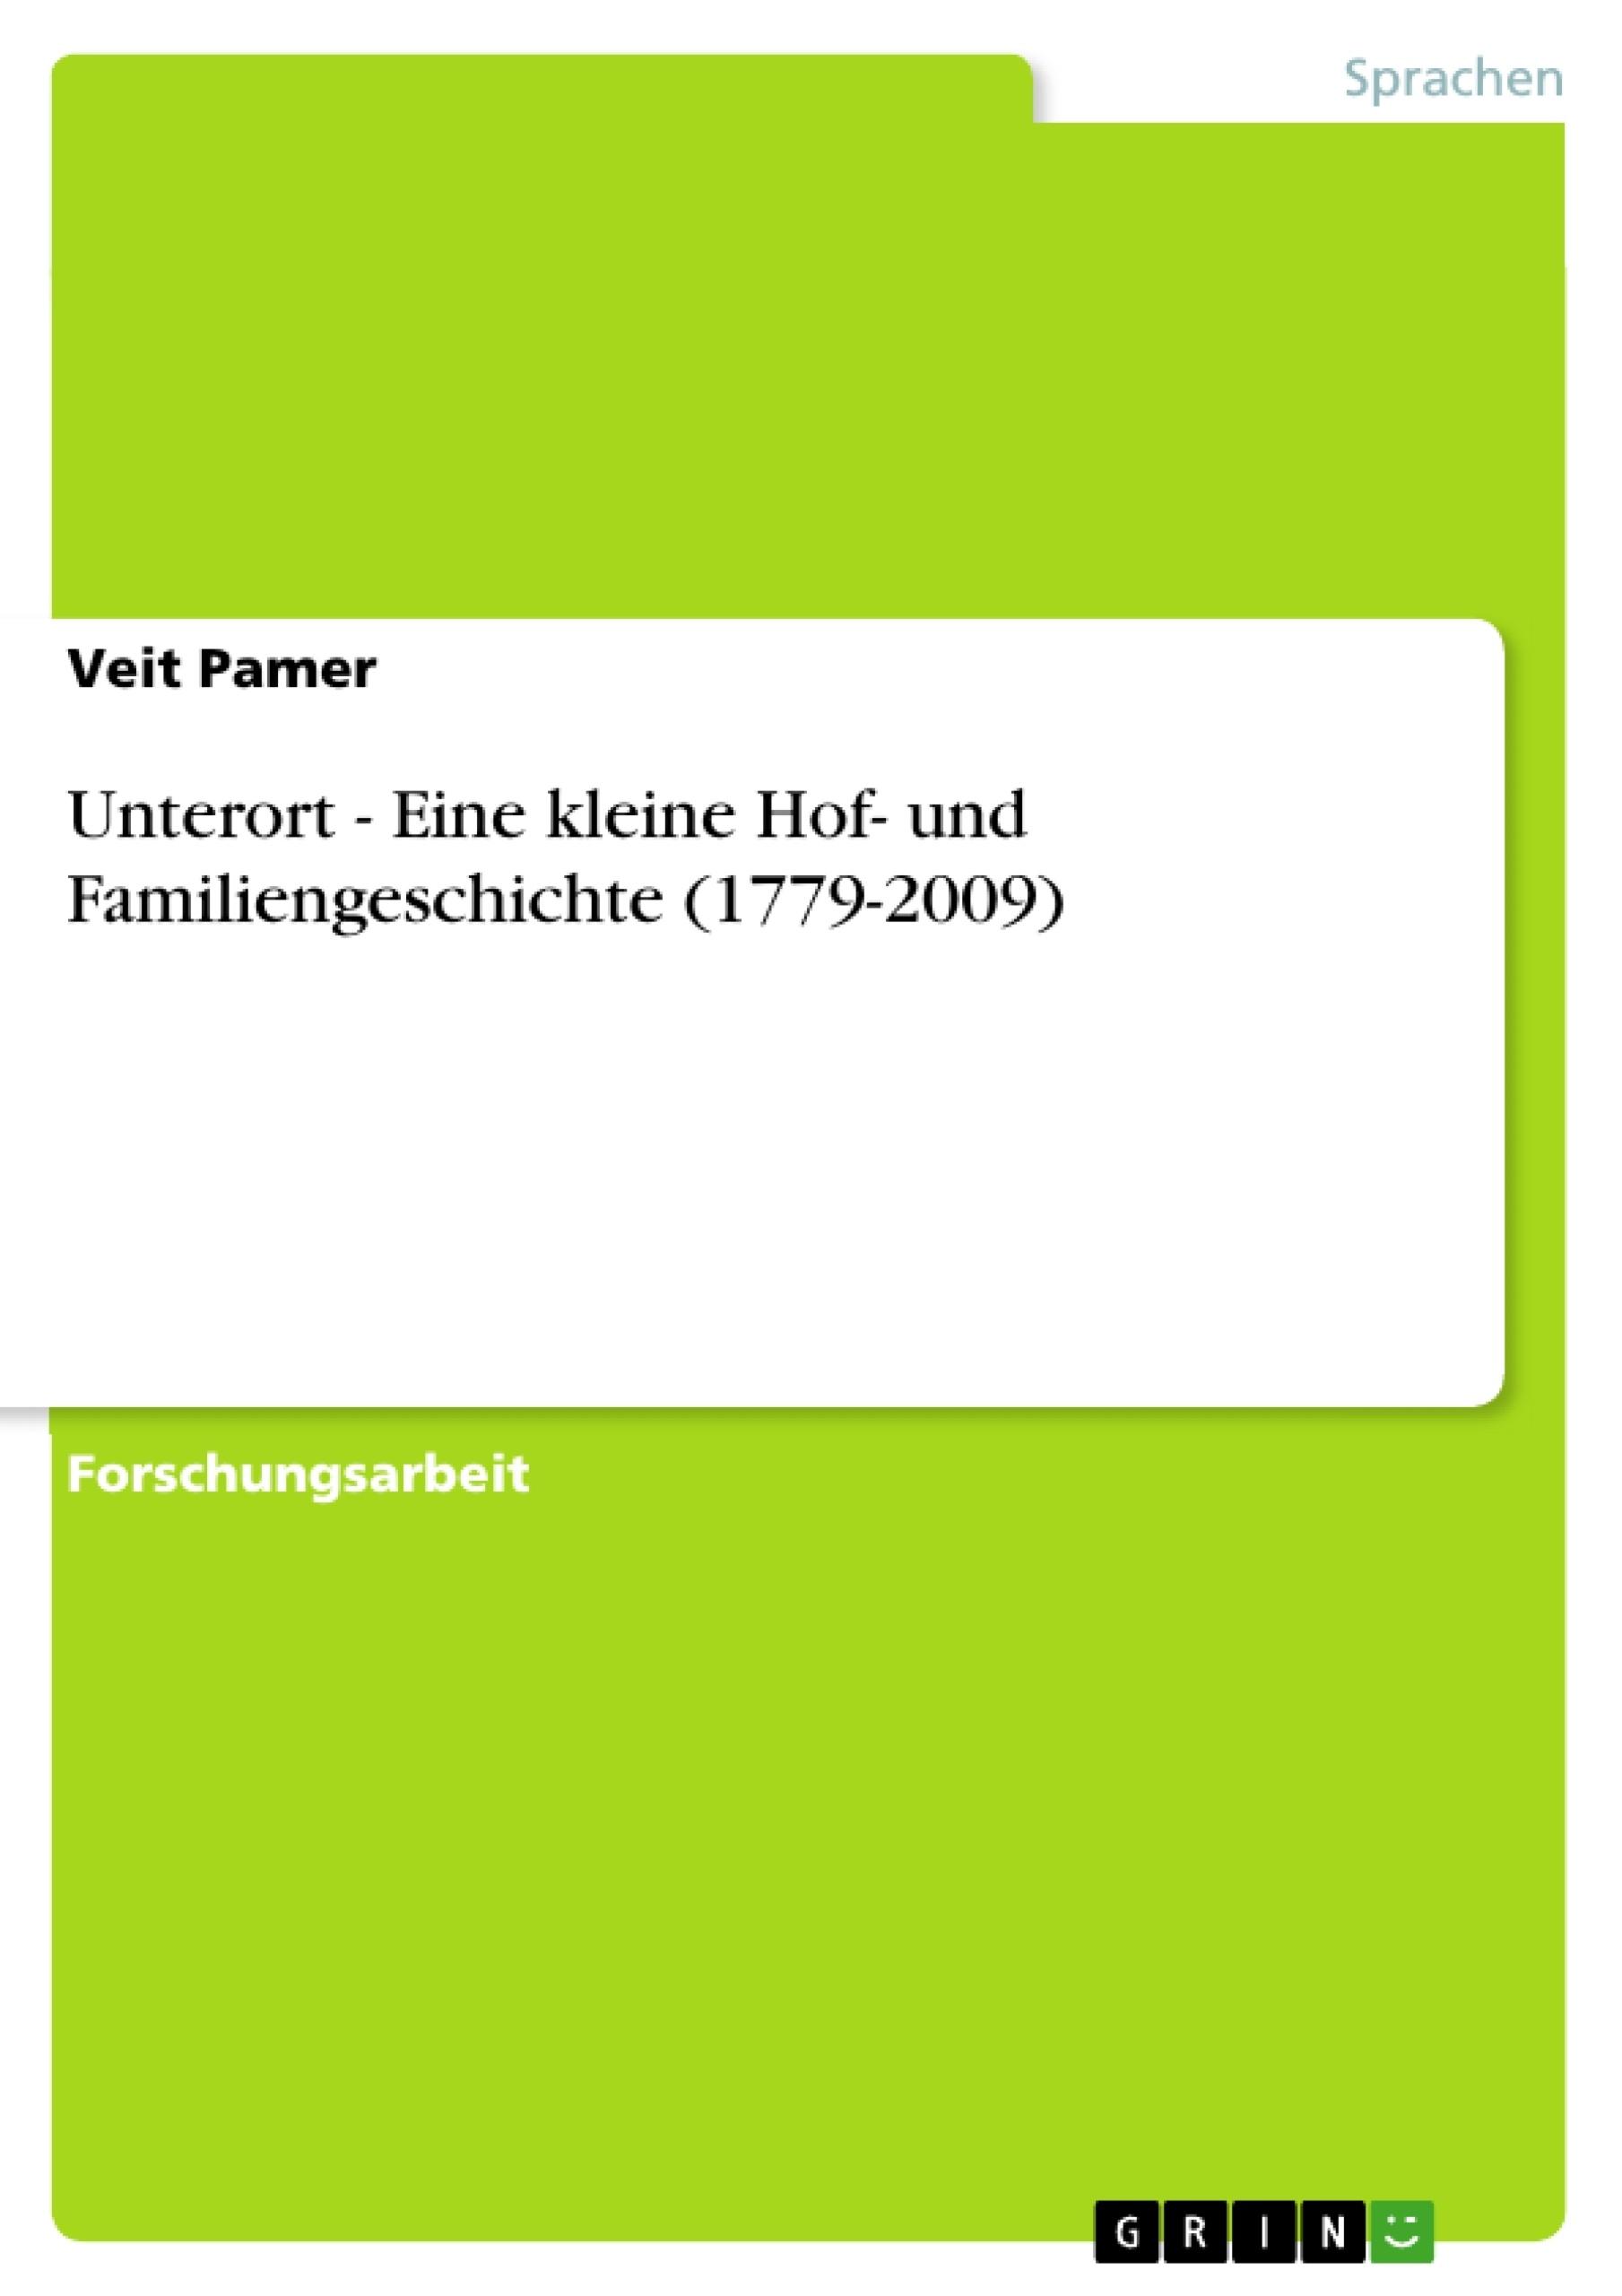 Titel: Unterort - Eine kleine Hof- und Familiengeschichte (1779-2009)